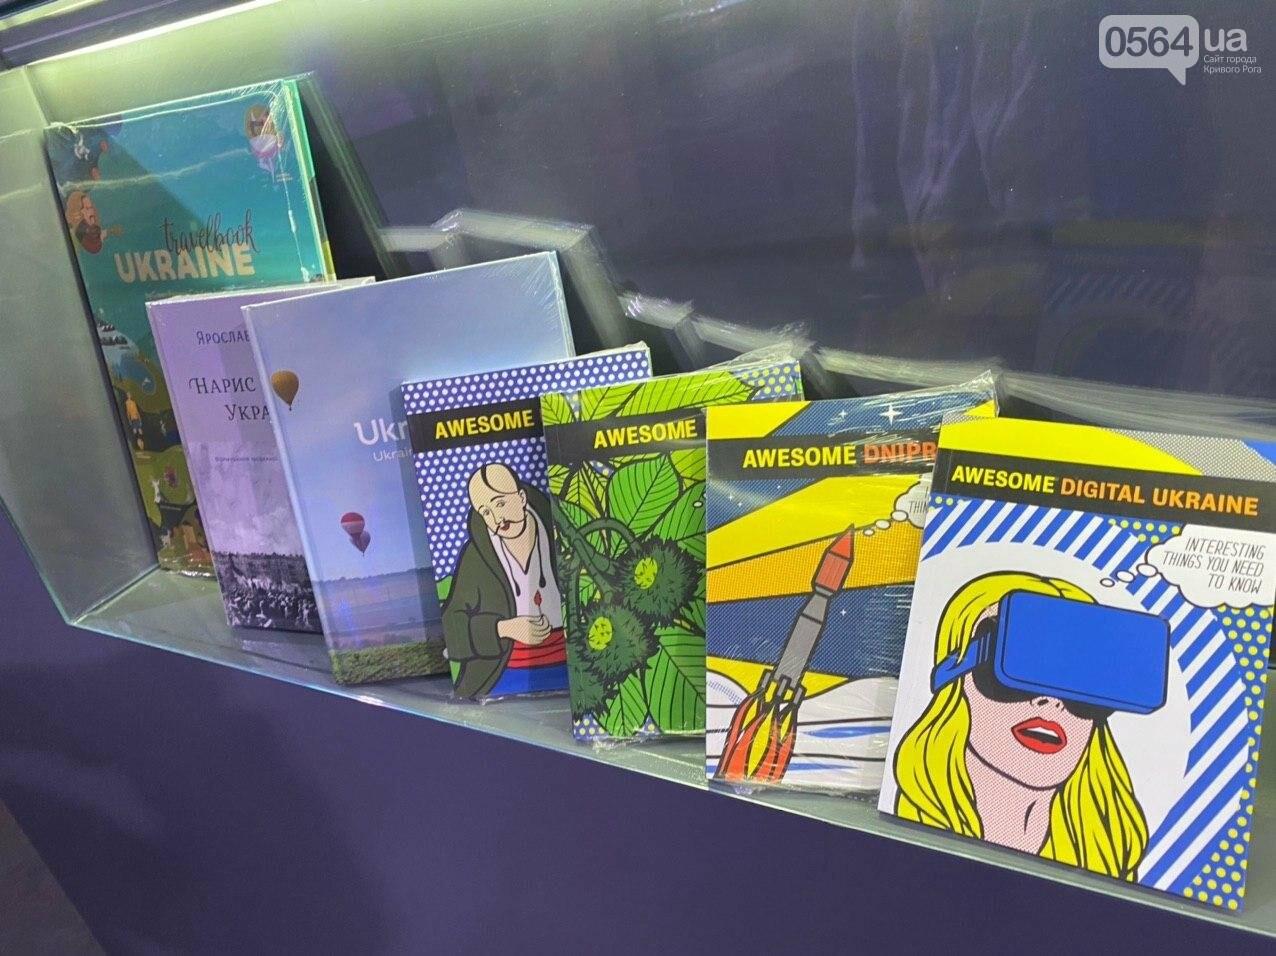 Ukraine WOW: что можно было узнать о Кривом Роге на интерактивной выставке, - ФОТО , фото-145